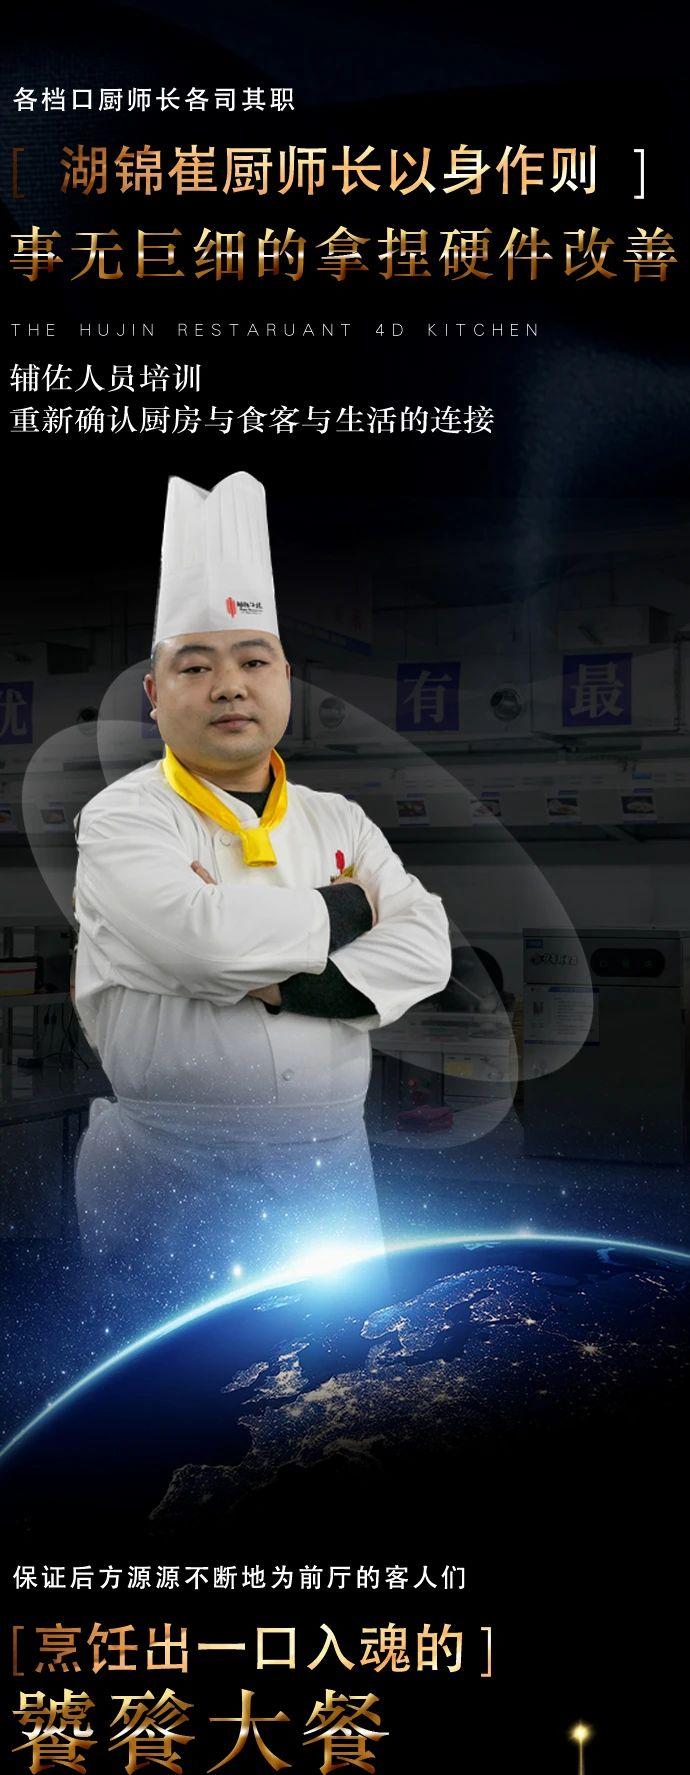 视频:湖锦酒楼4D厨房简介  第9张